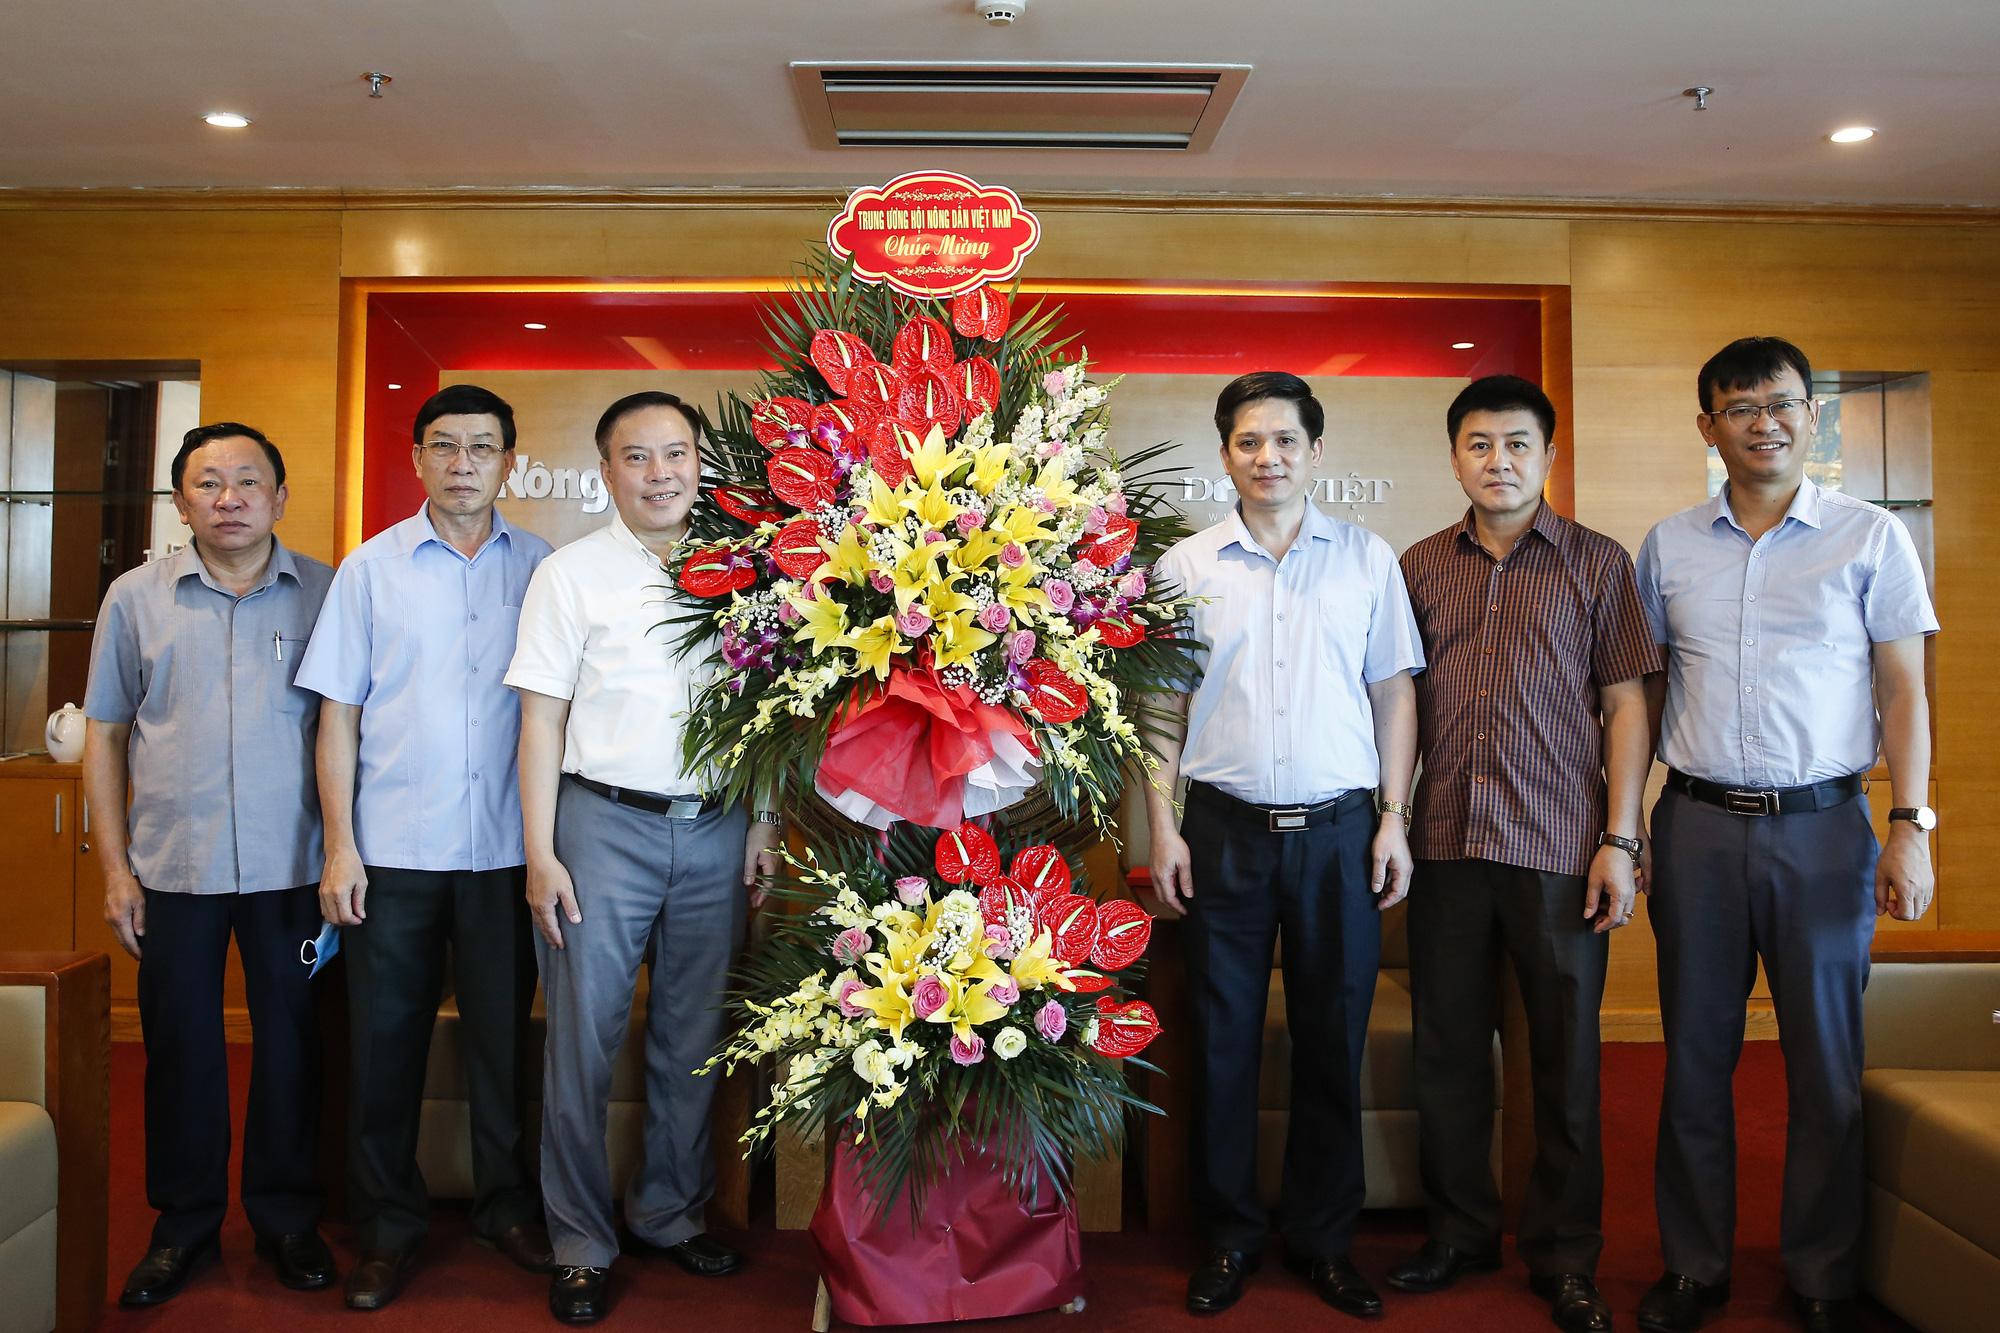 Lời cảm ơn của Báo NTNN/Dân Việt nhân dịp 96 năm Ngày Báo chí Cách mạng Việt Nam - Ảnh 1.